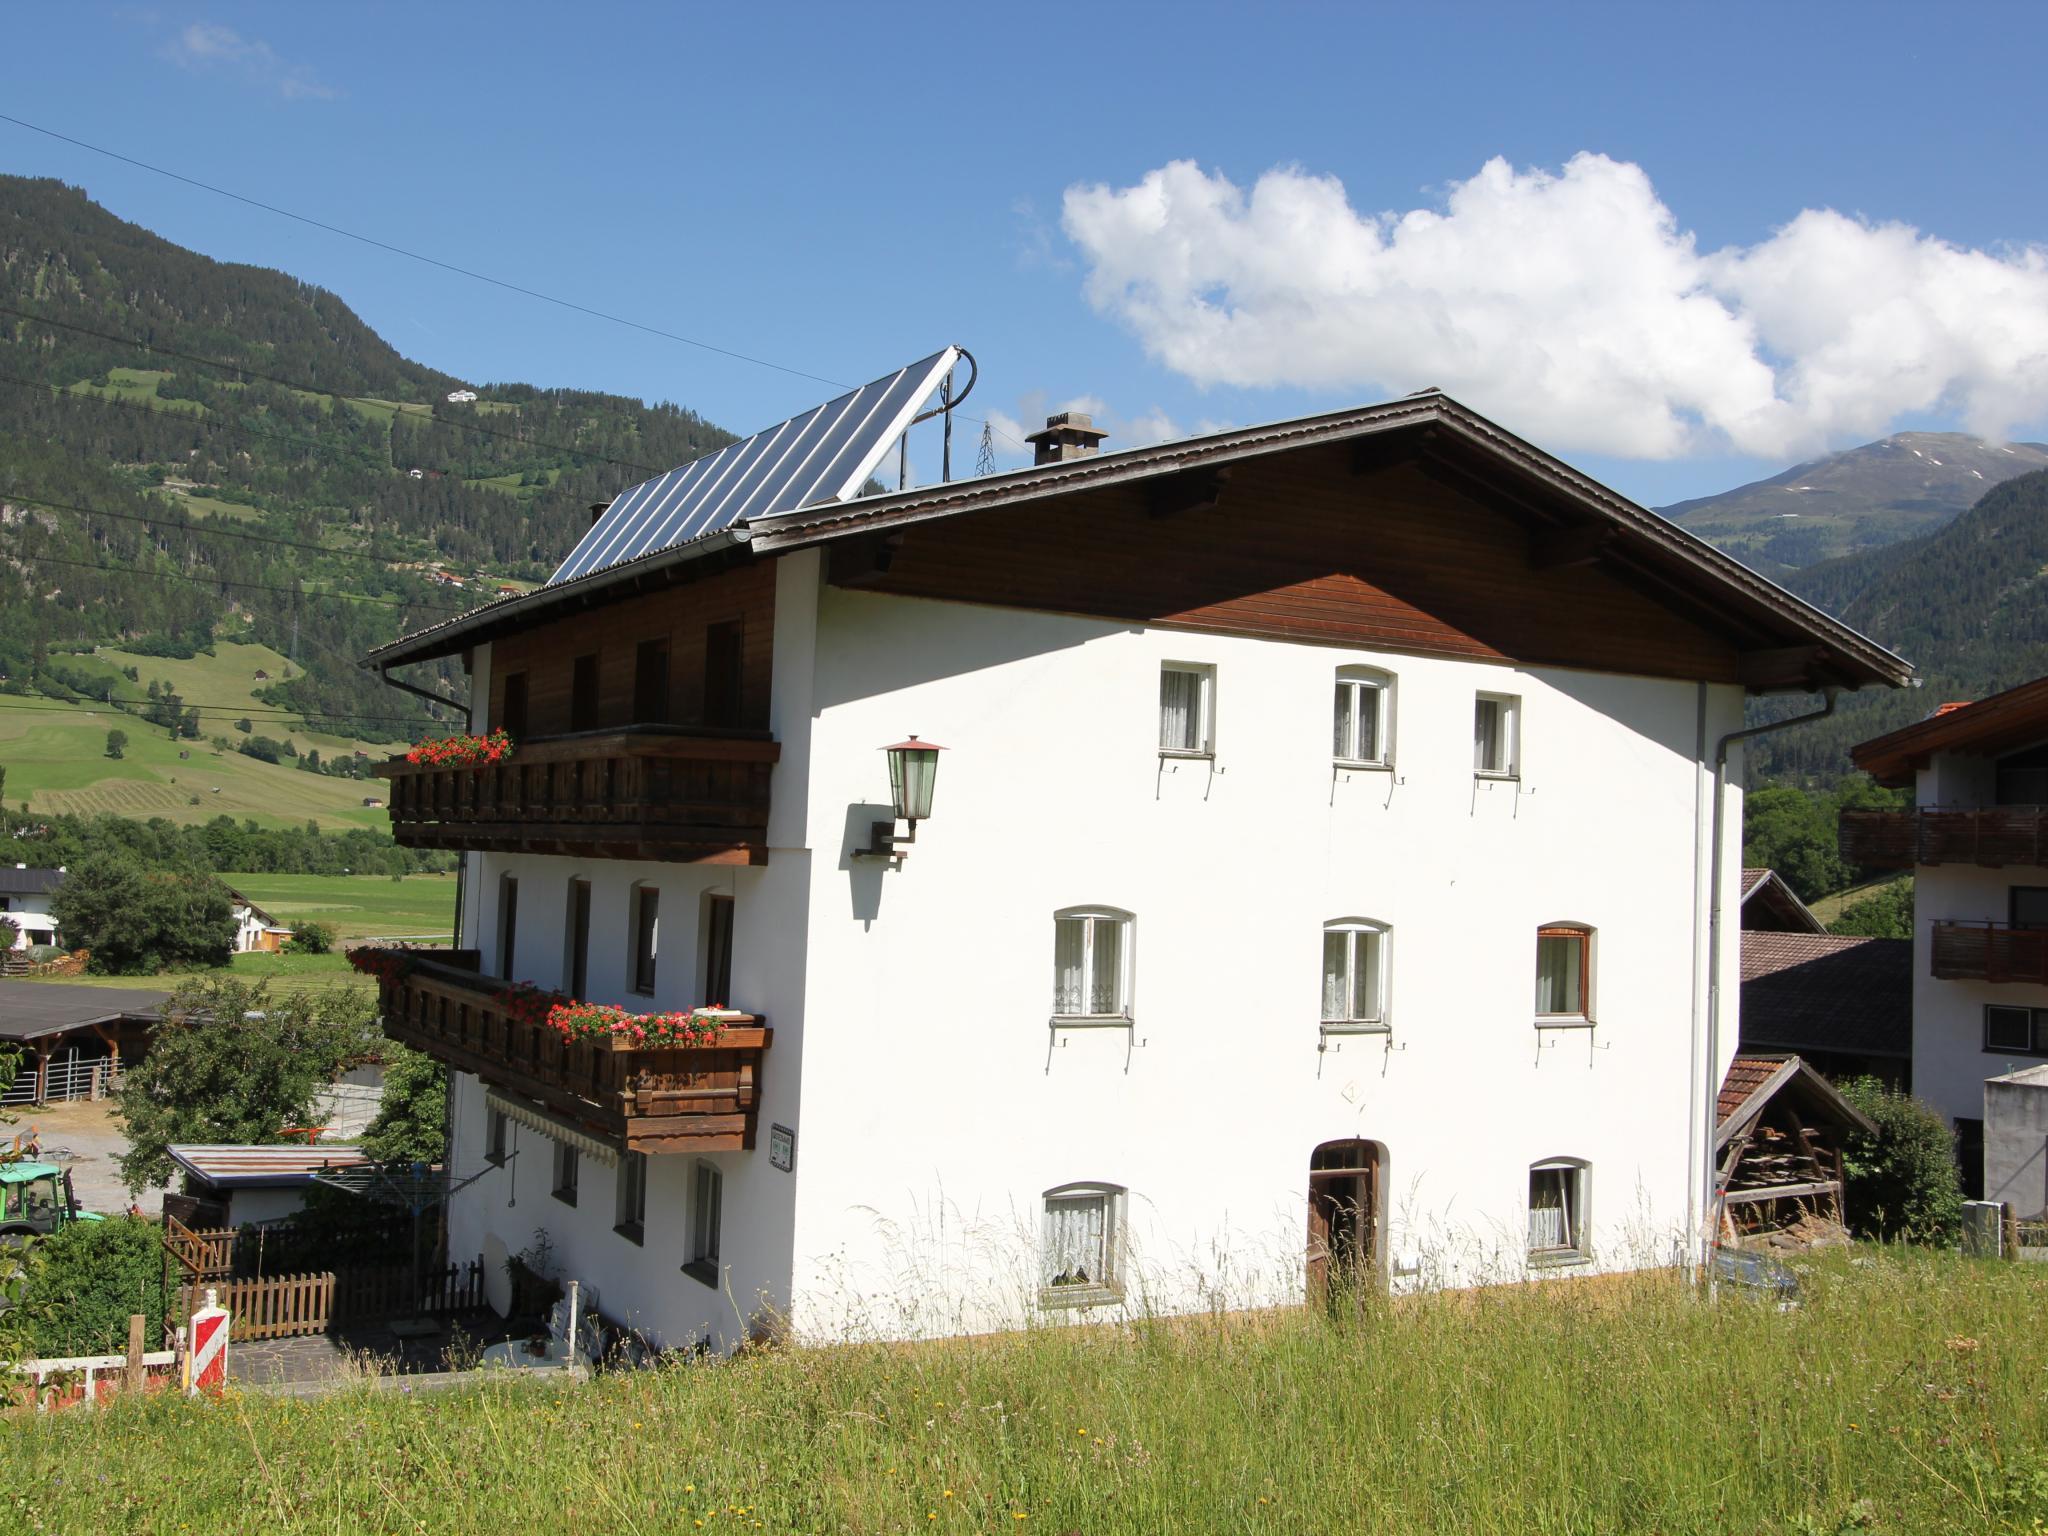 Erhart 3 Tirol